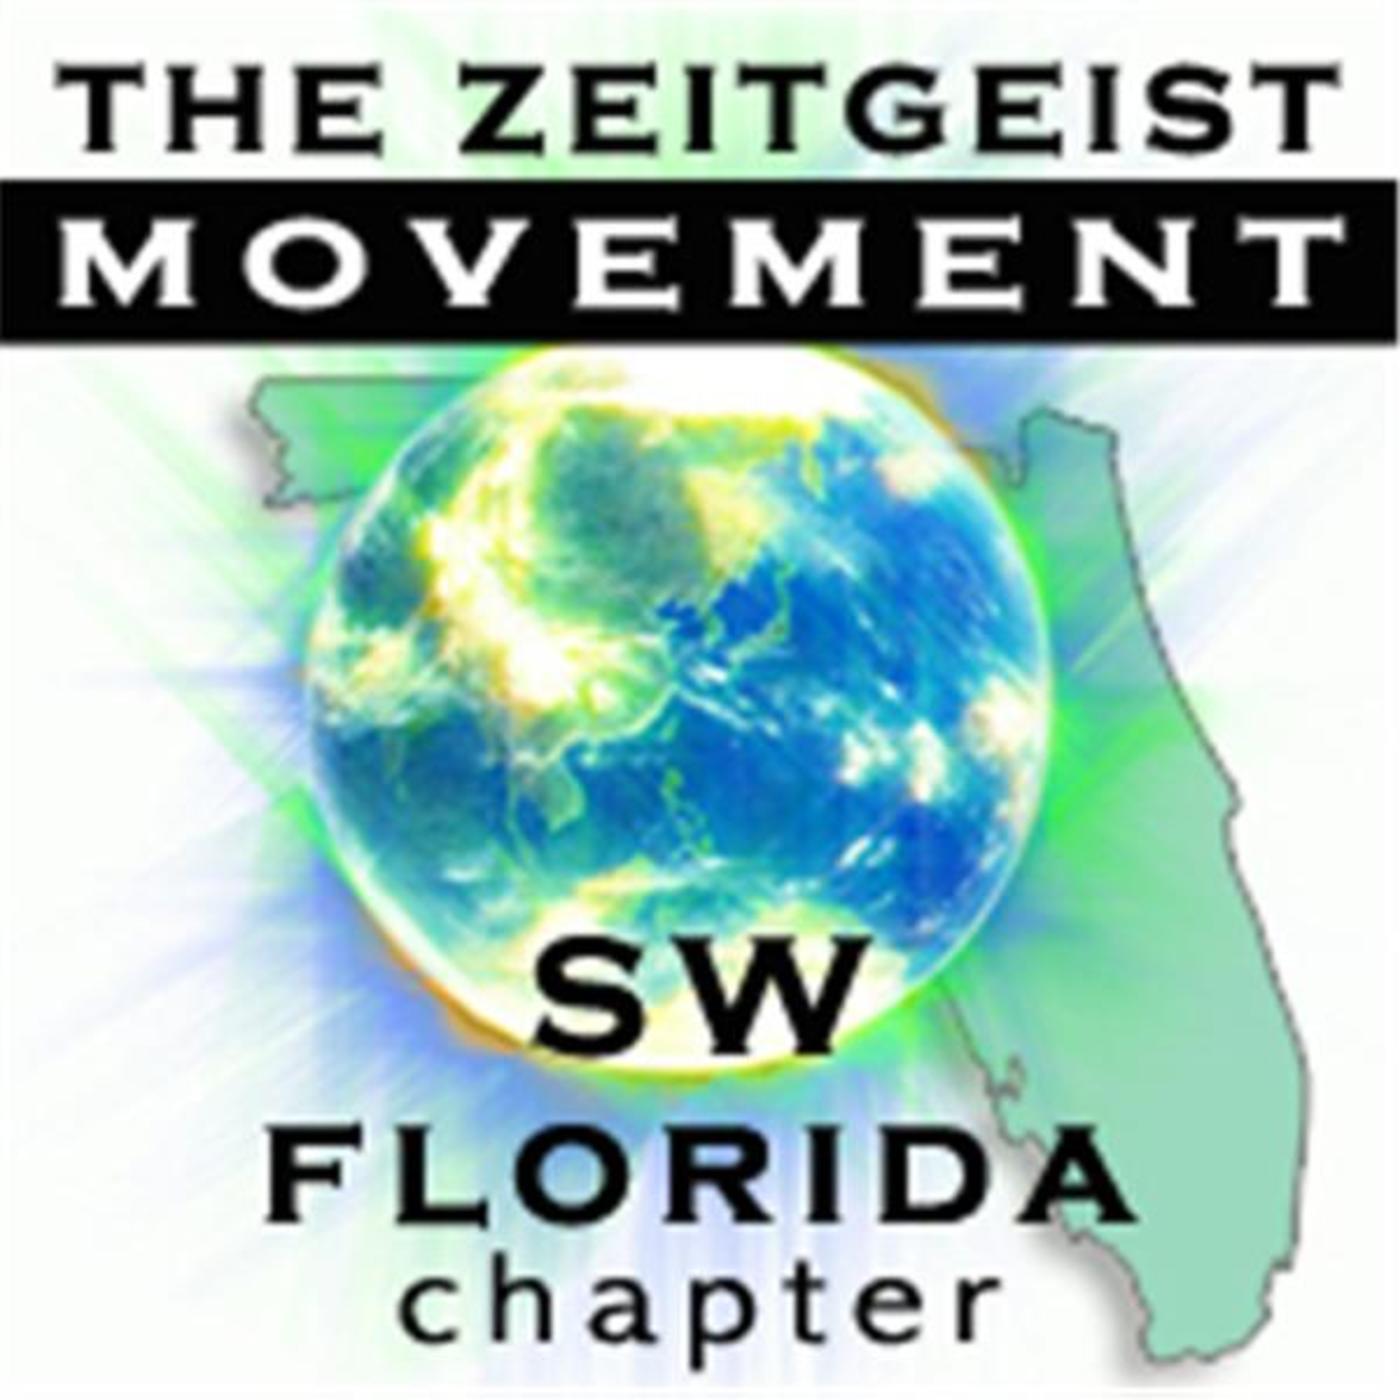 the Zeitgeist Movement SWFL